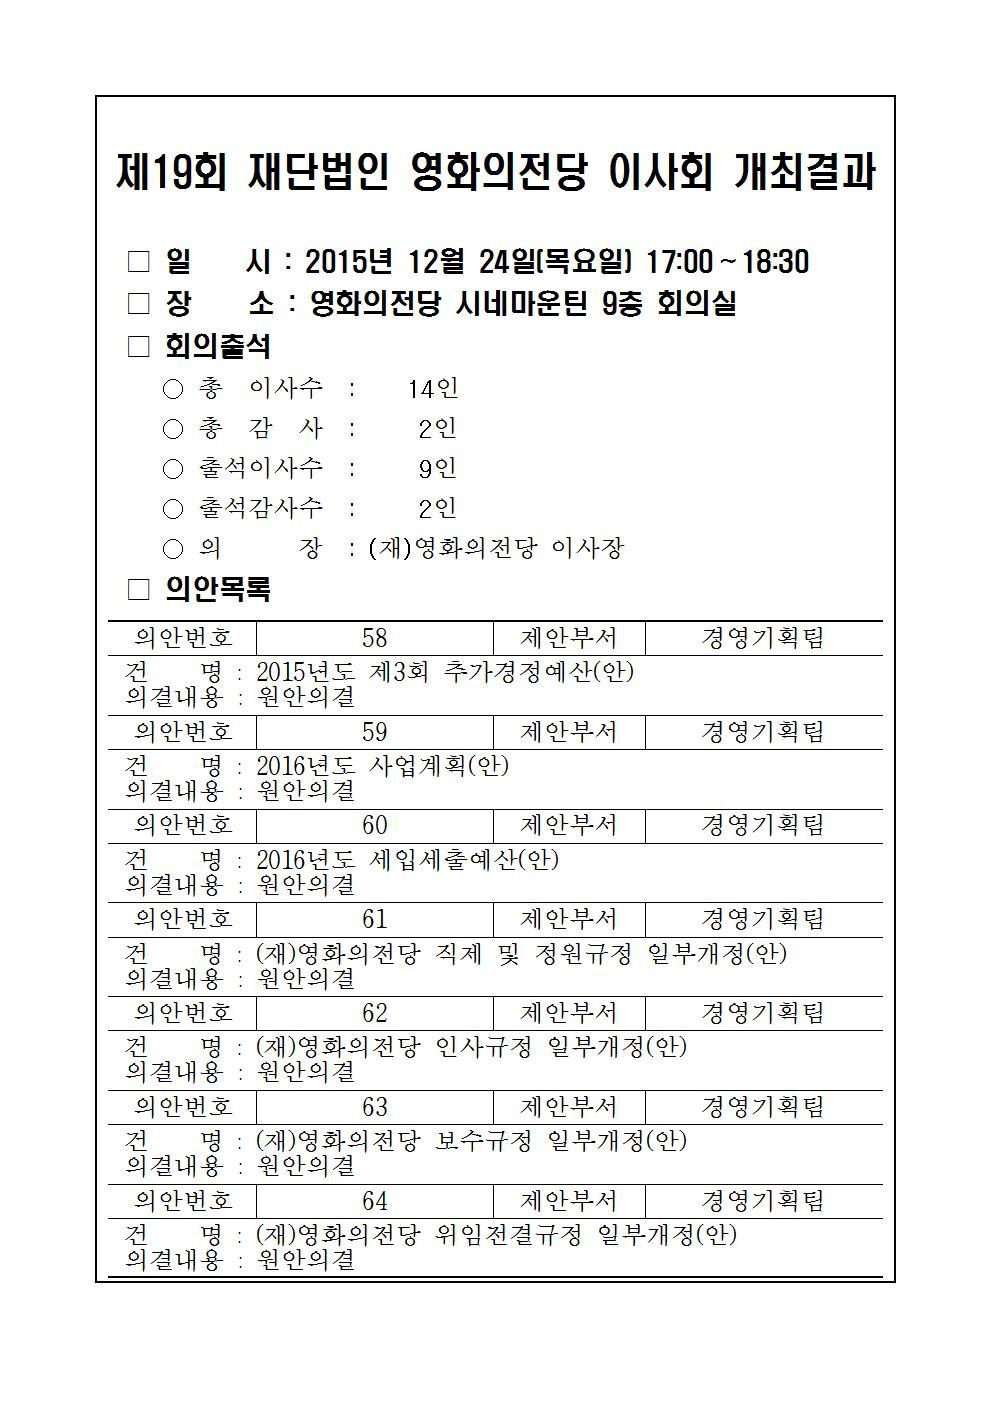 이사회 개최 결과(제19회)